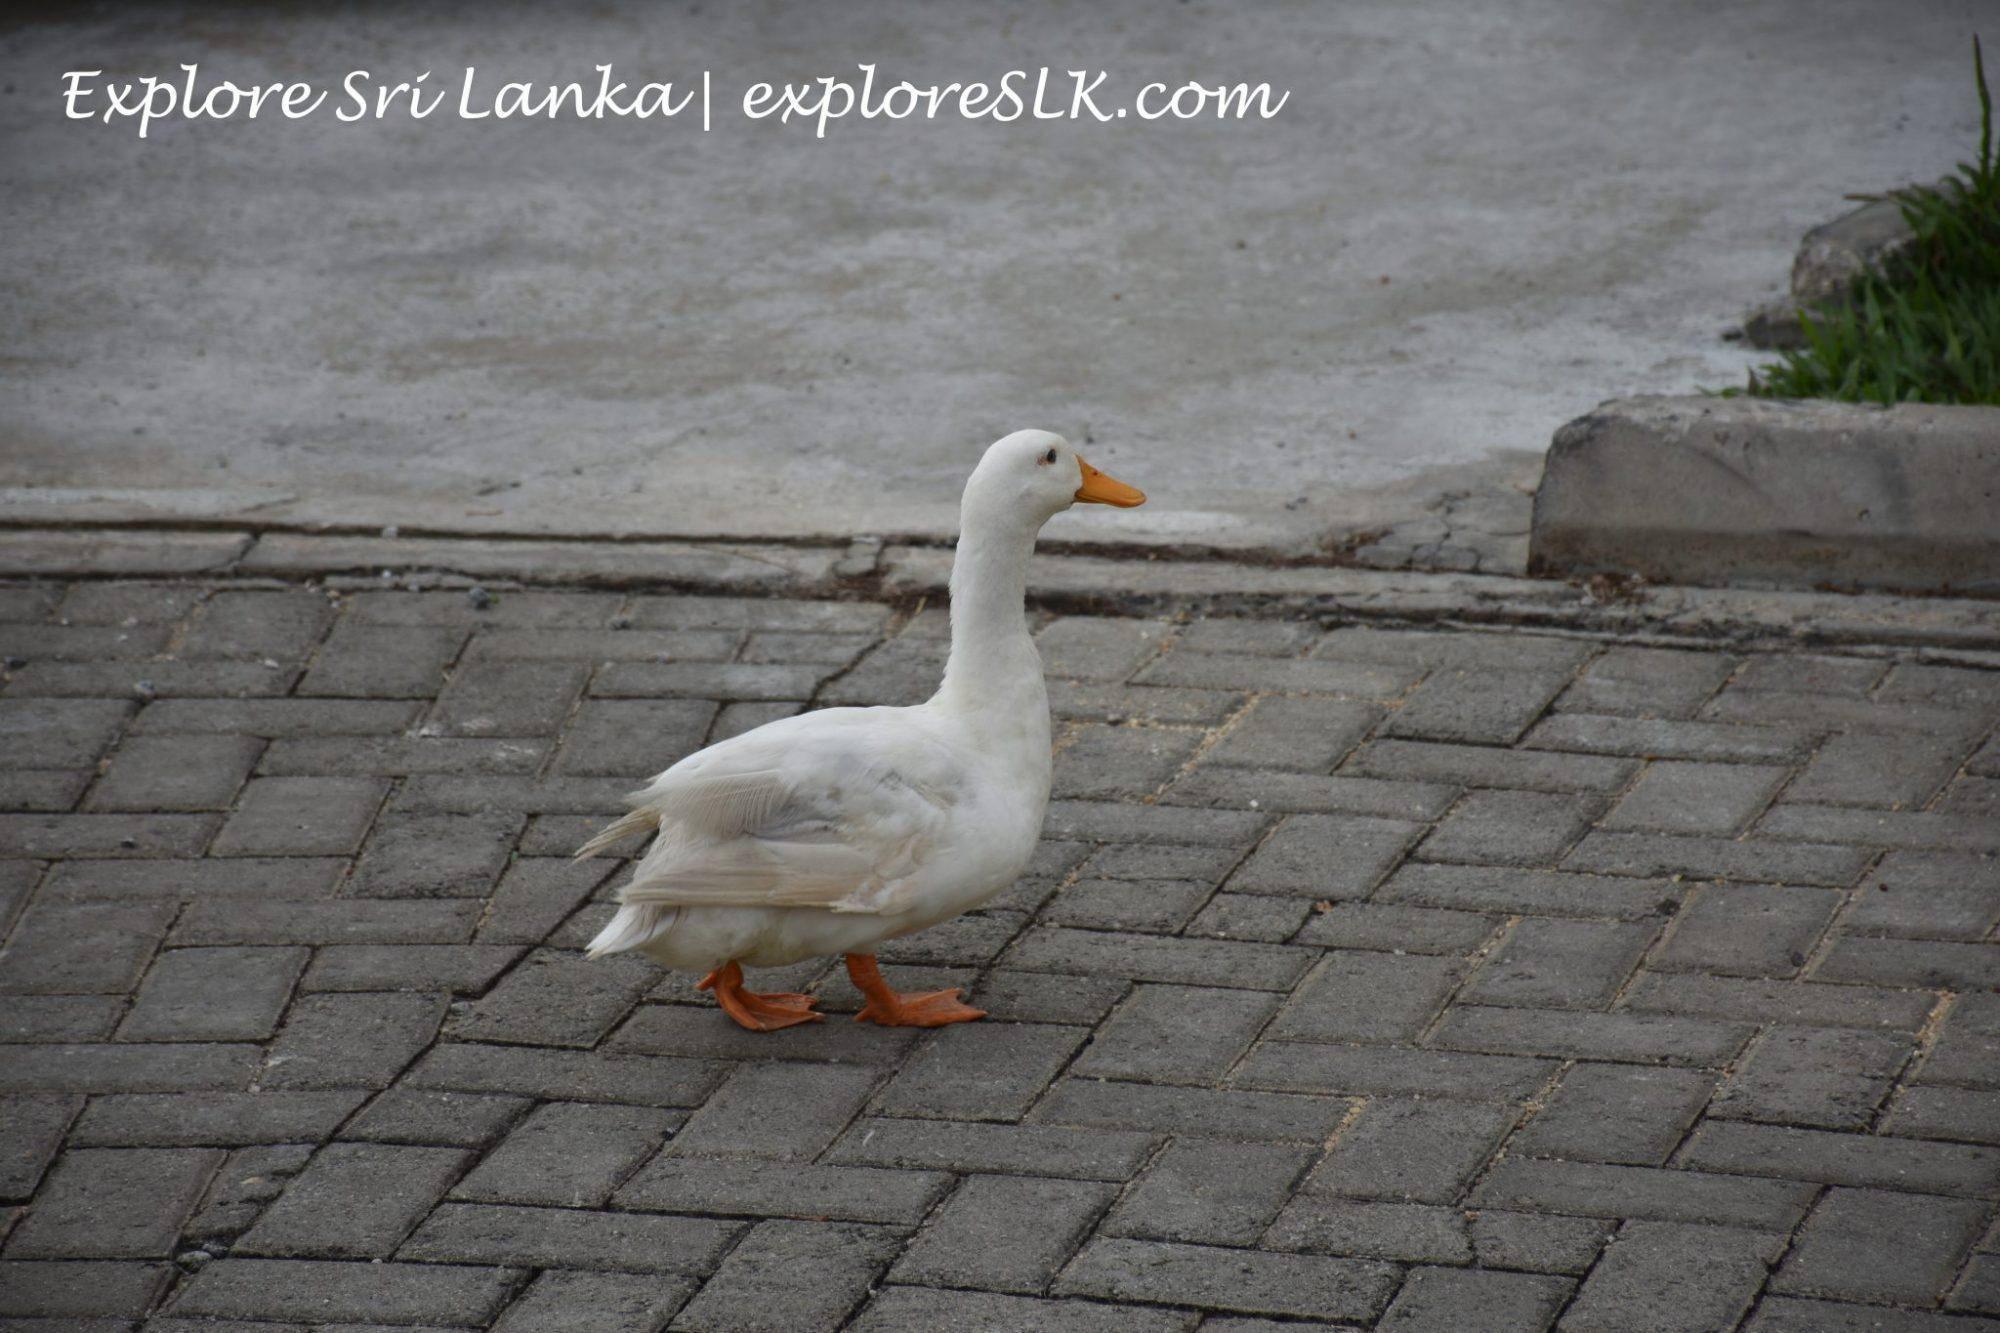 Goose at Diyatha Uyana